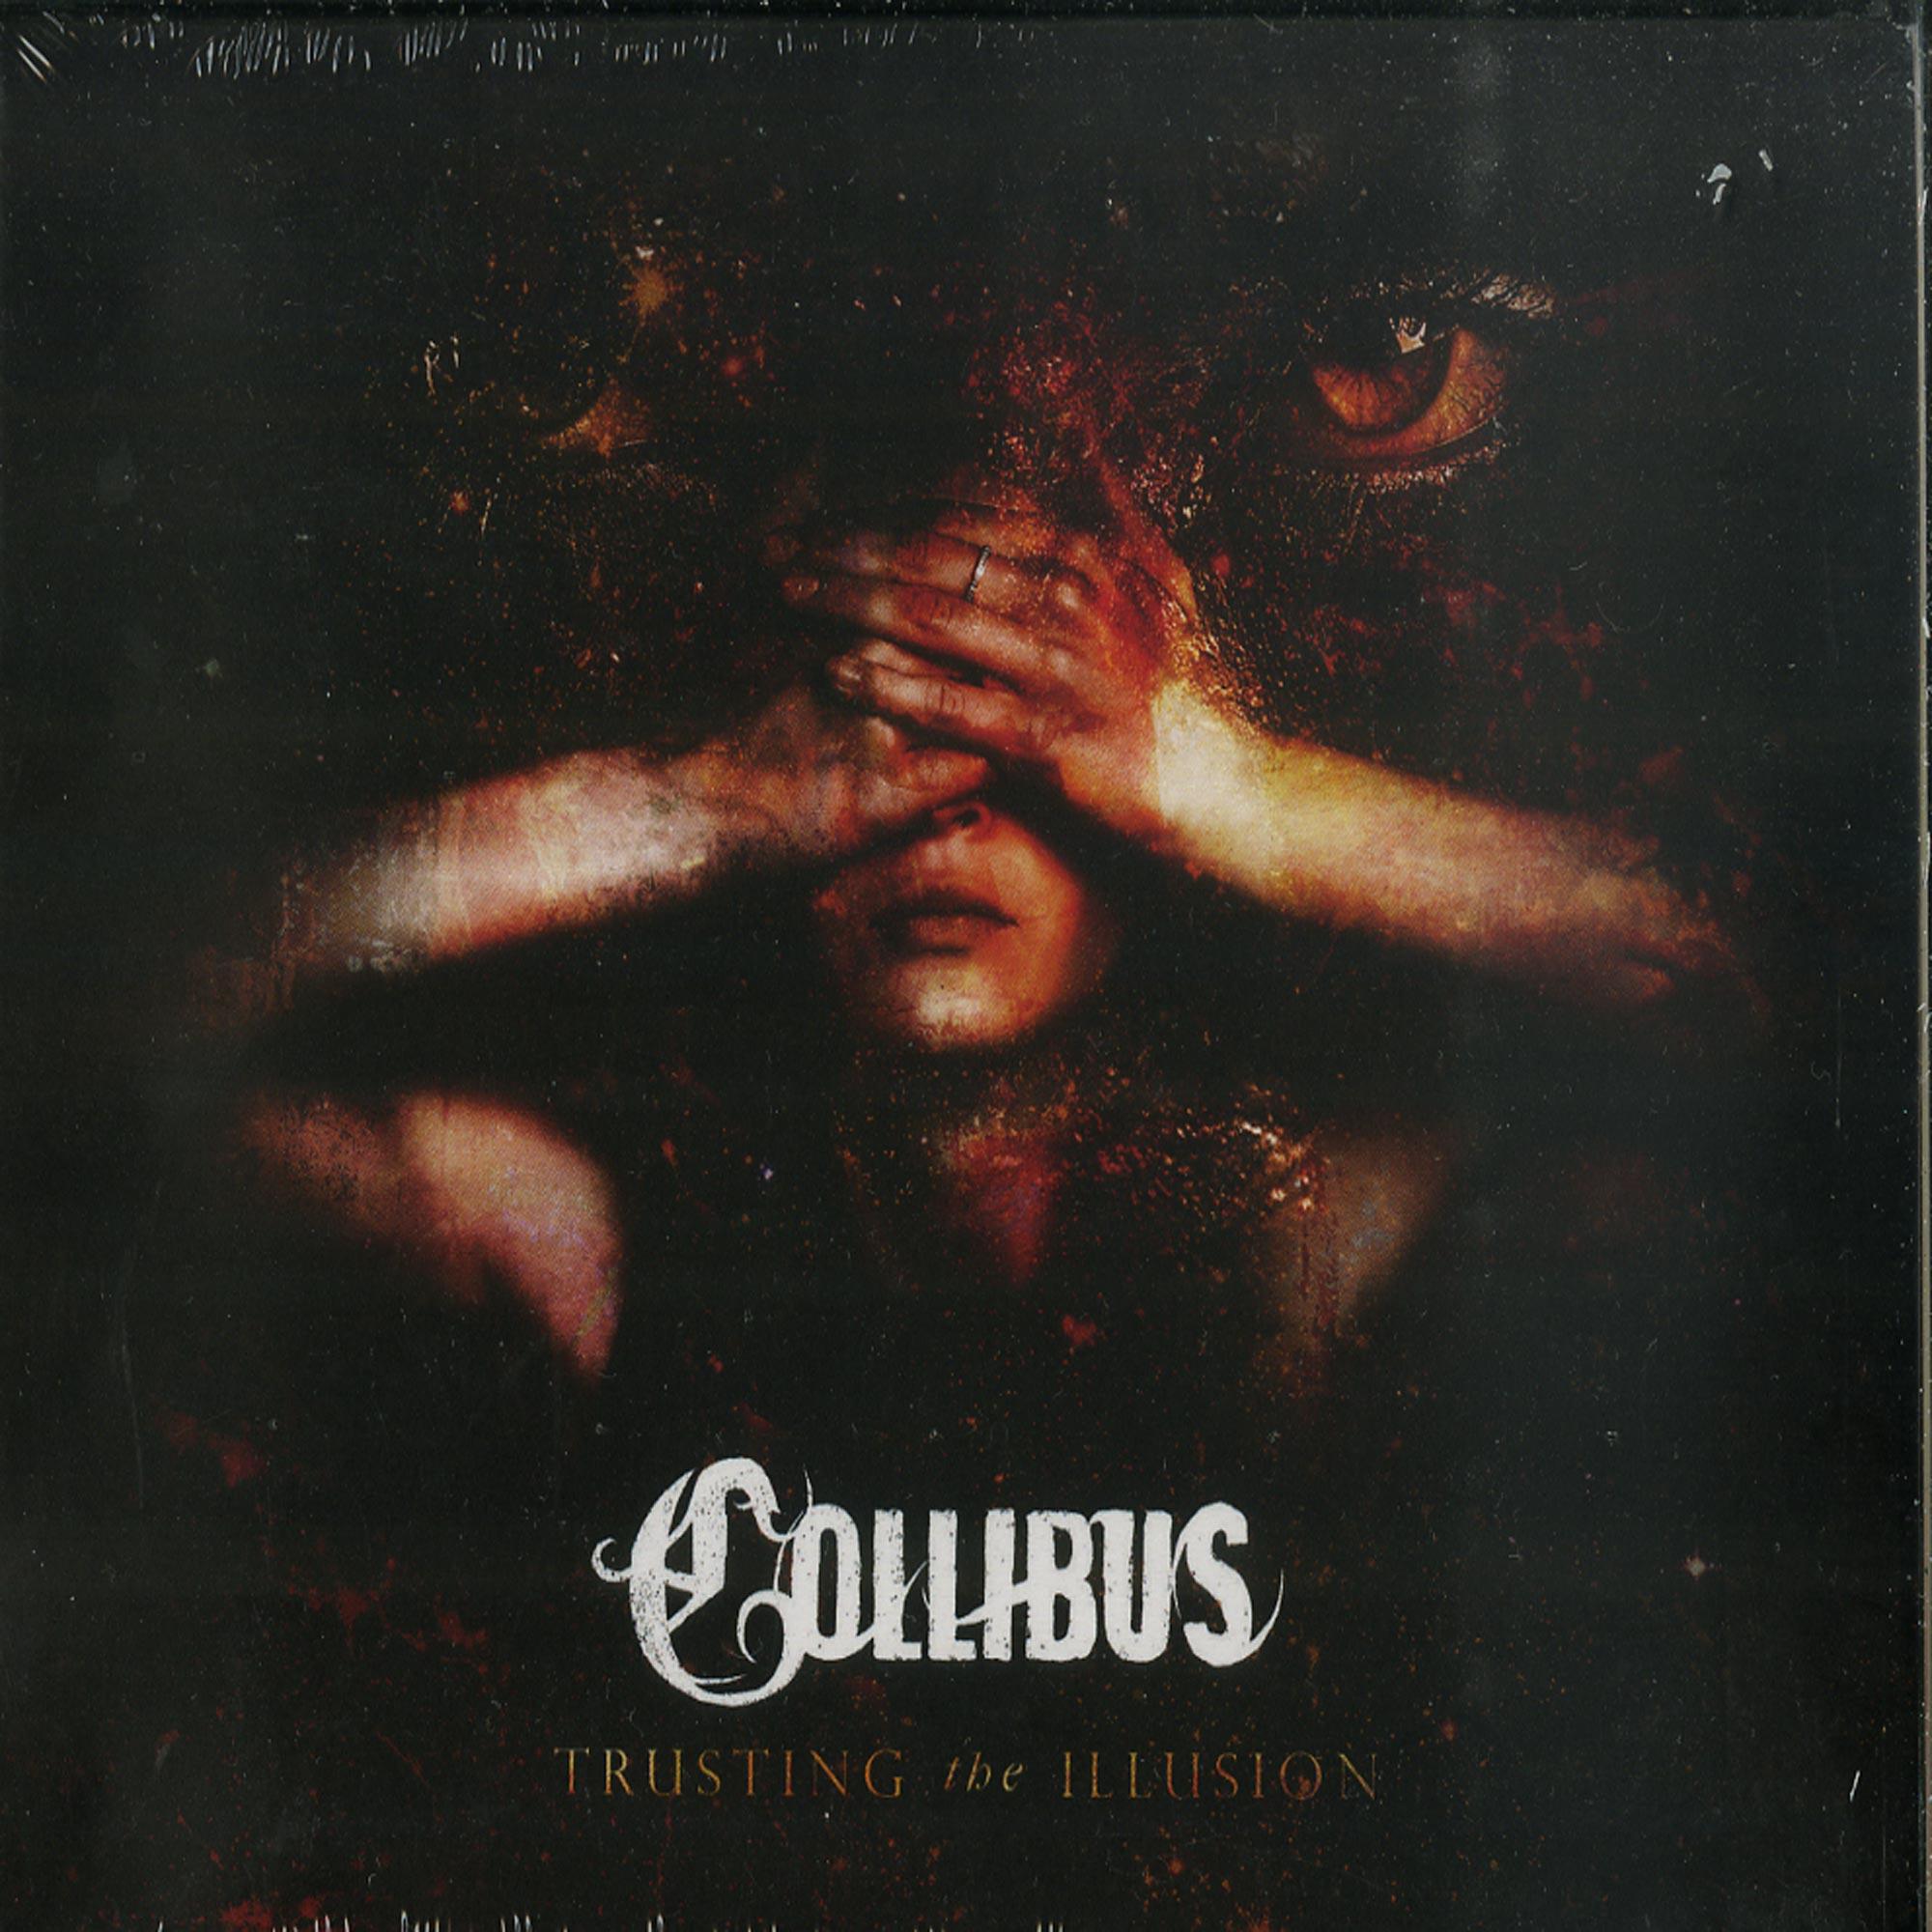 Collibus - TRUSTING THE ILLUSION